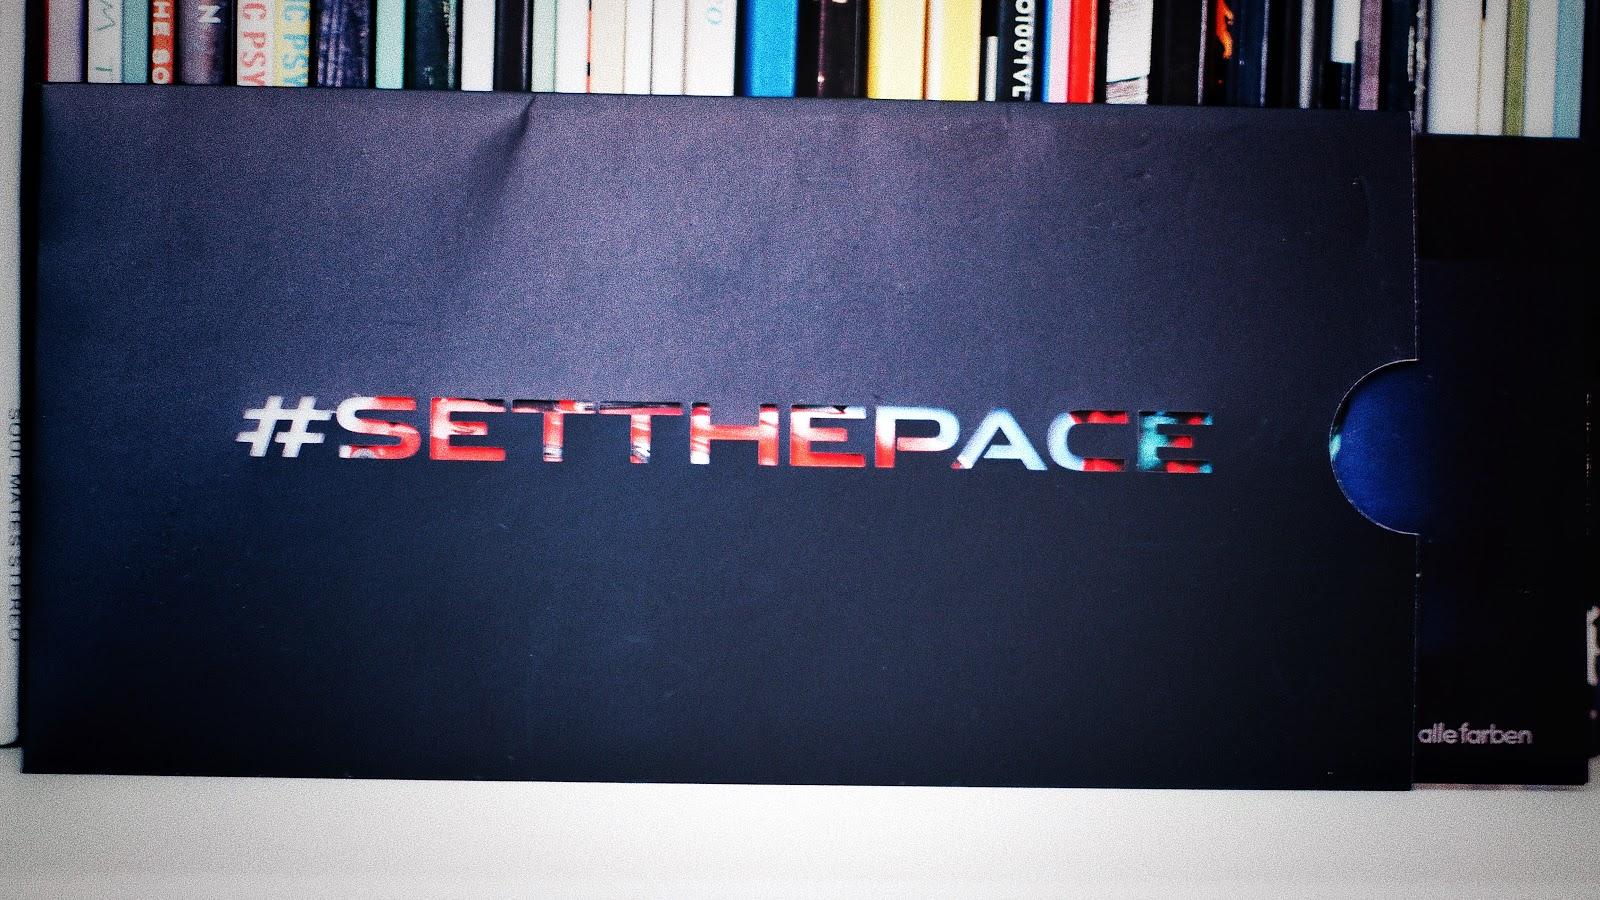 Gewinne Tickets für die exklusiven #SETTHEPACE Konzerte | Der neue Jaguar E-PACE x Alle Farben x DJs YOUNOTUS